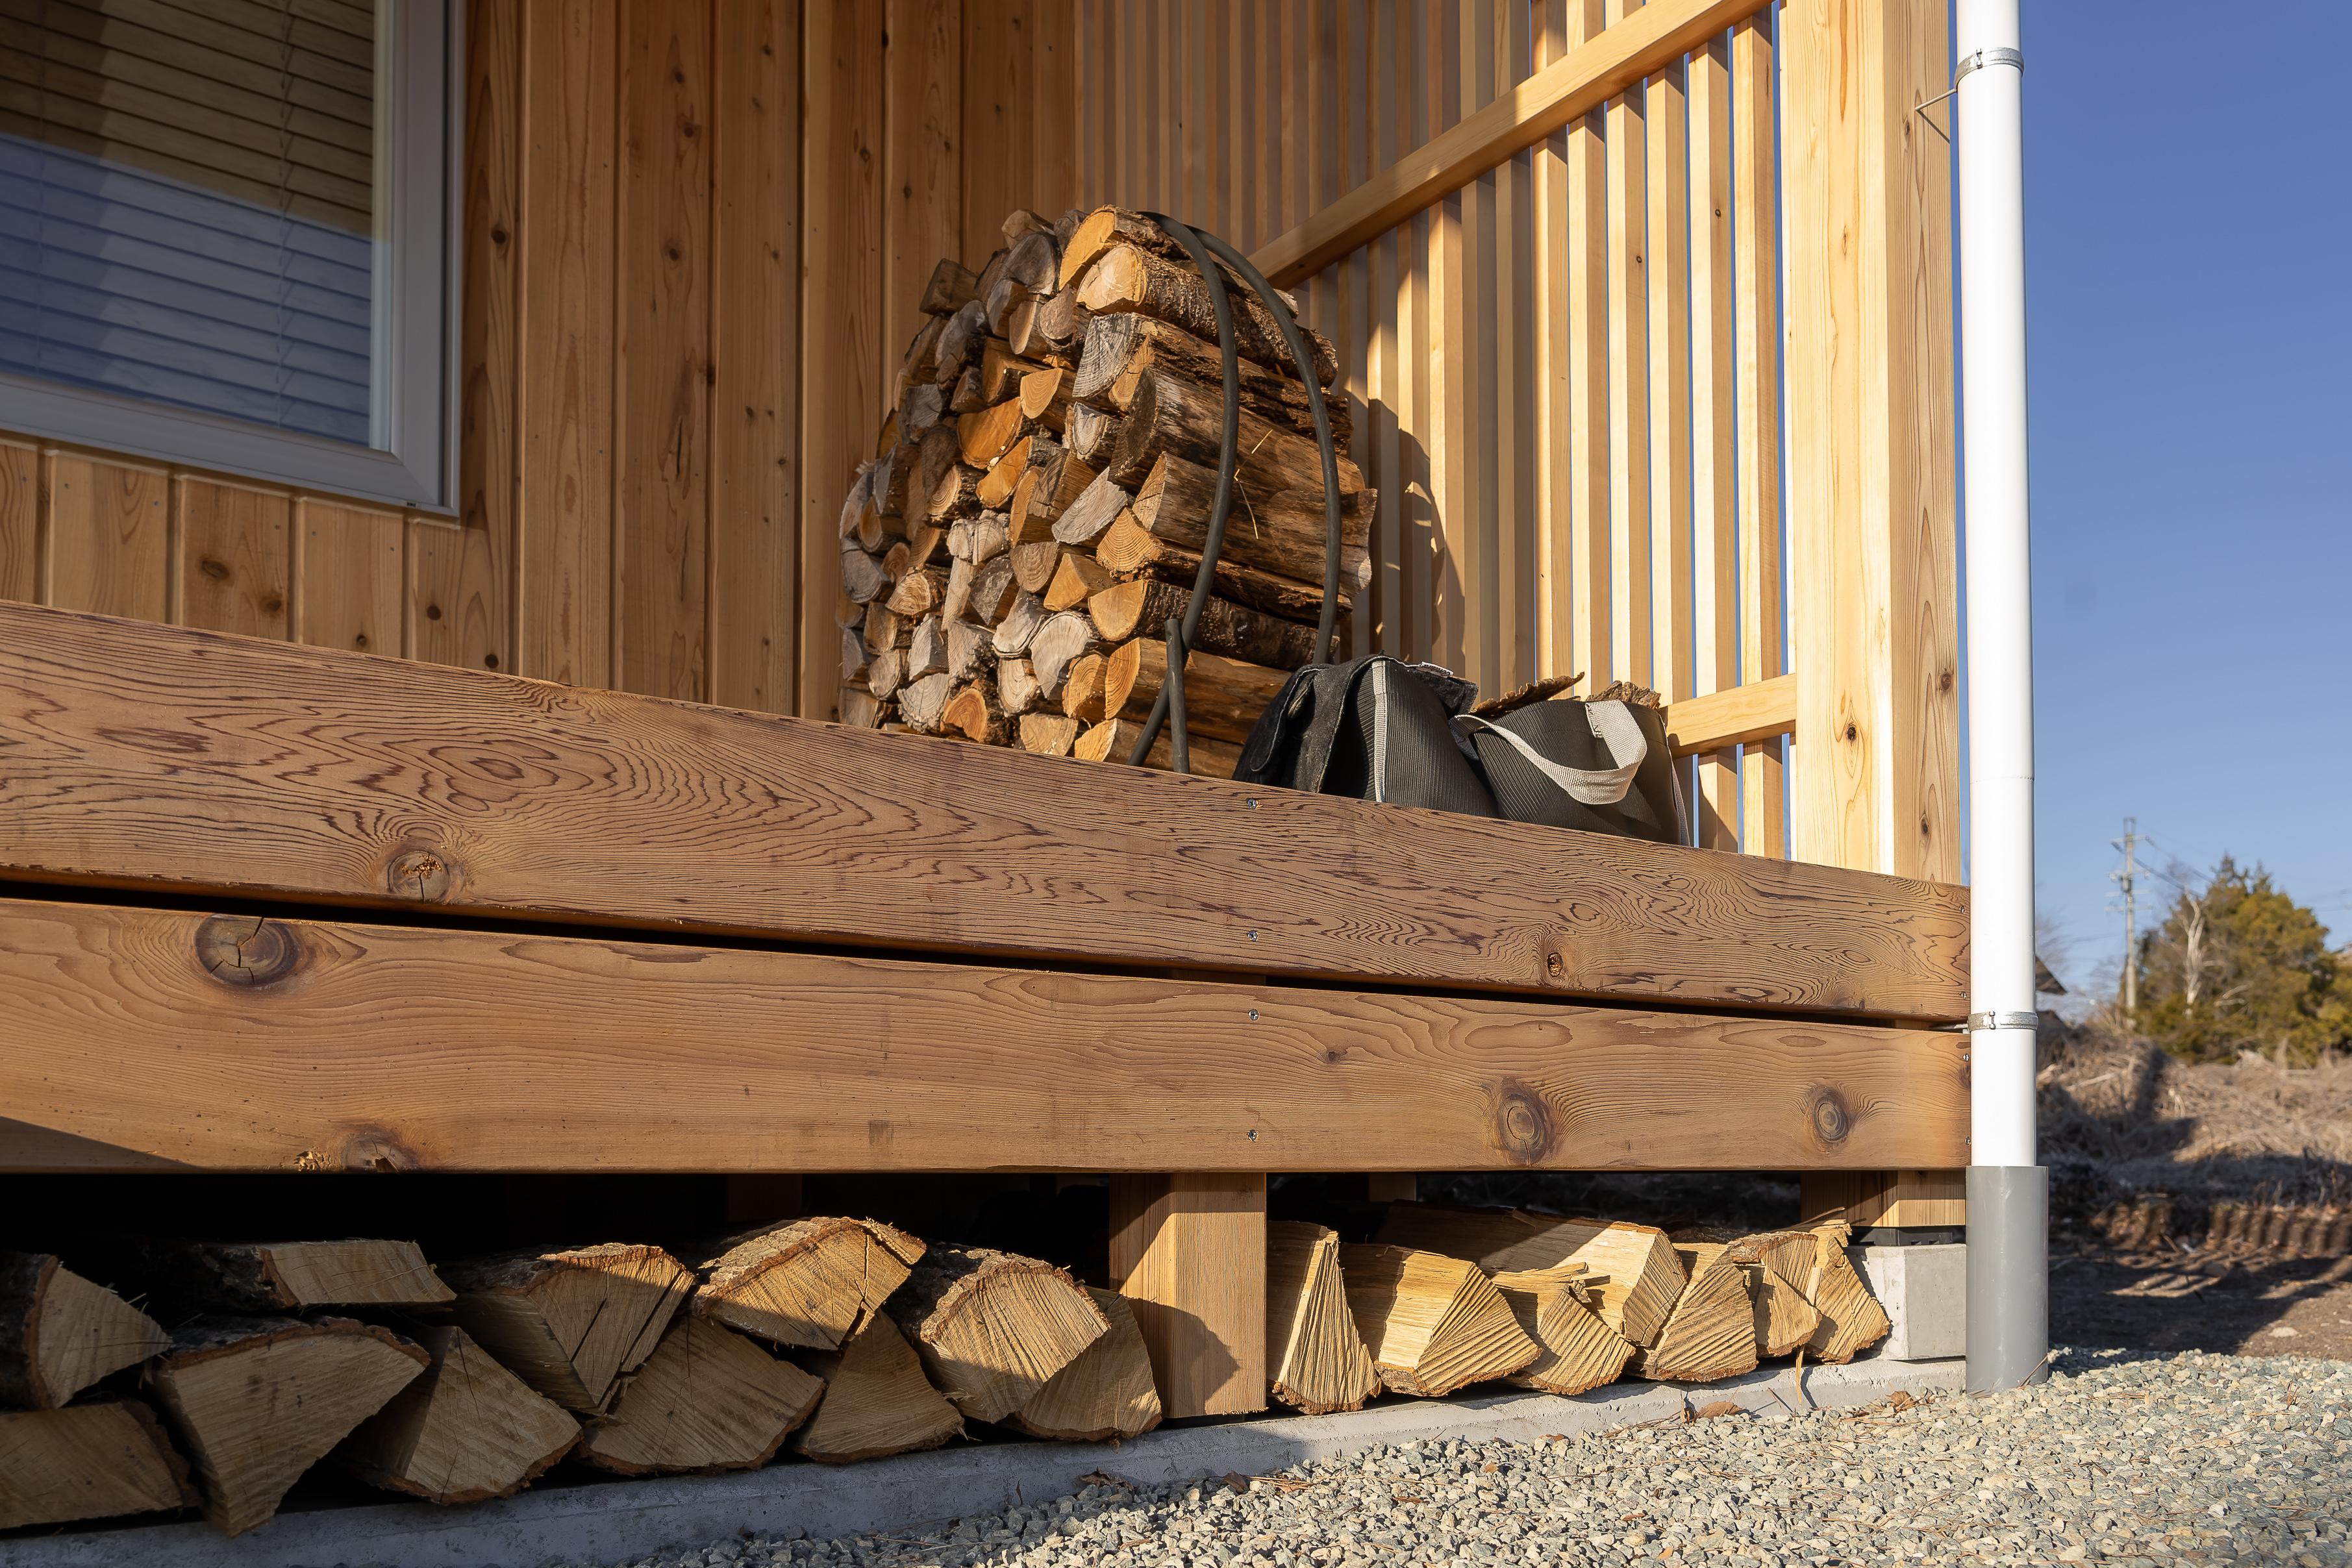 9.縁側は薪が溢れた嬉しい空間